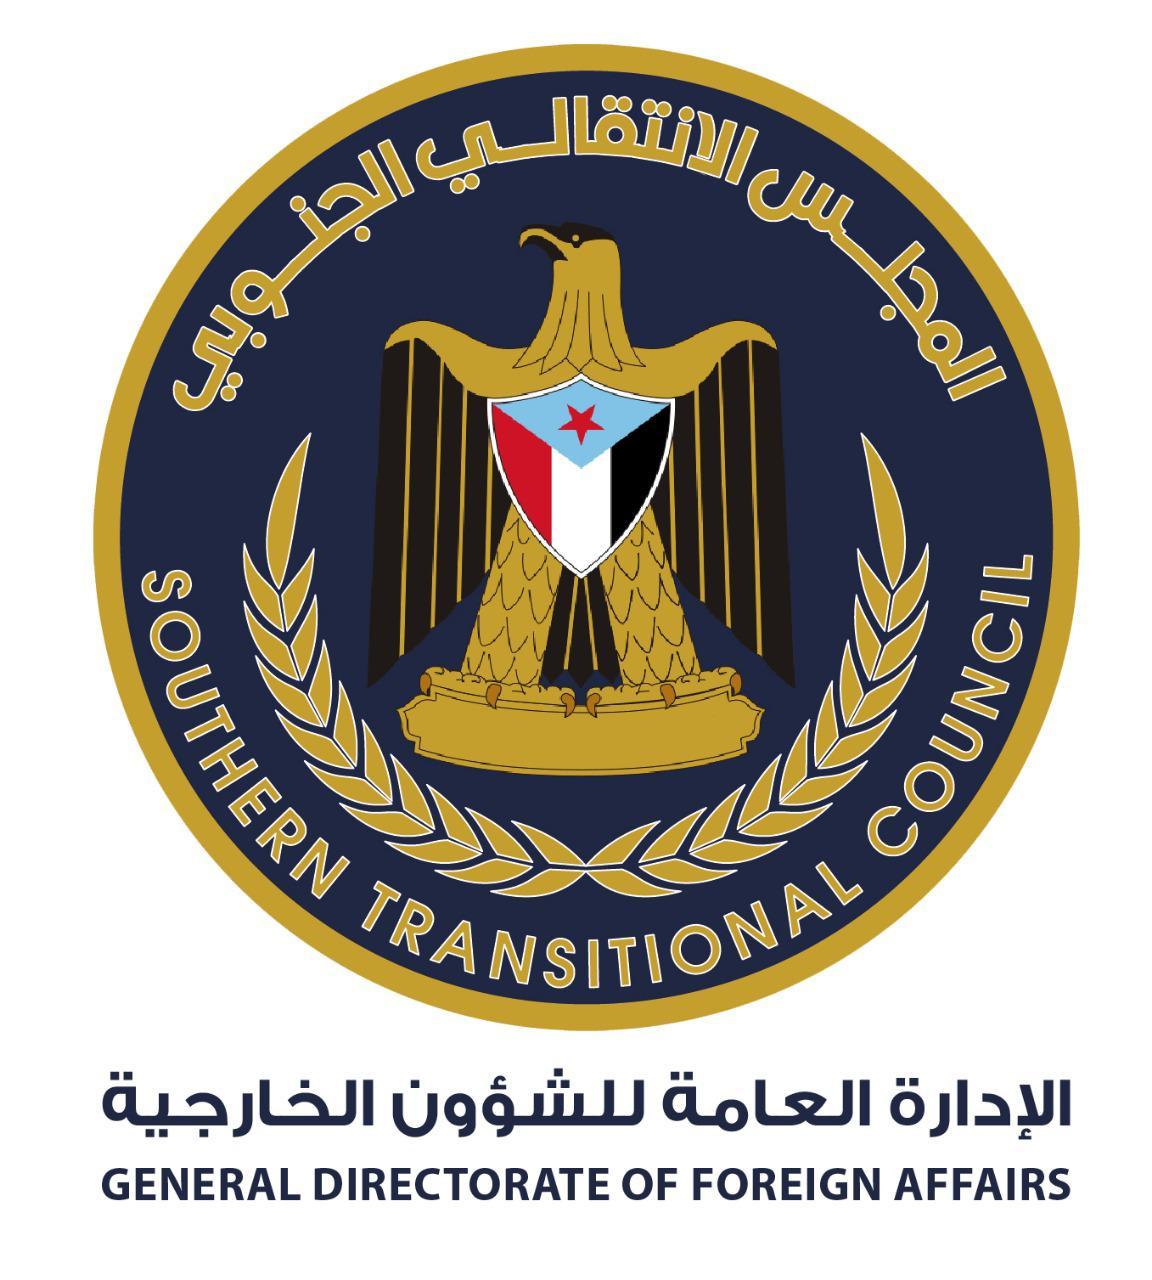 تصريح صحفي للإدارة العامة للشؤون الخارجية للمجلس الانتقالي الجنوبي